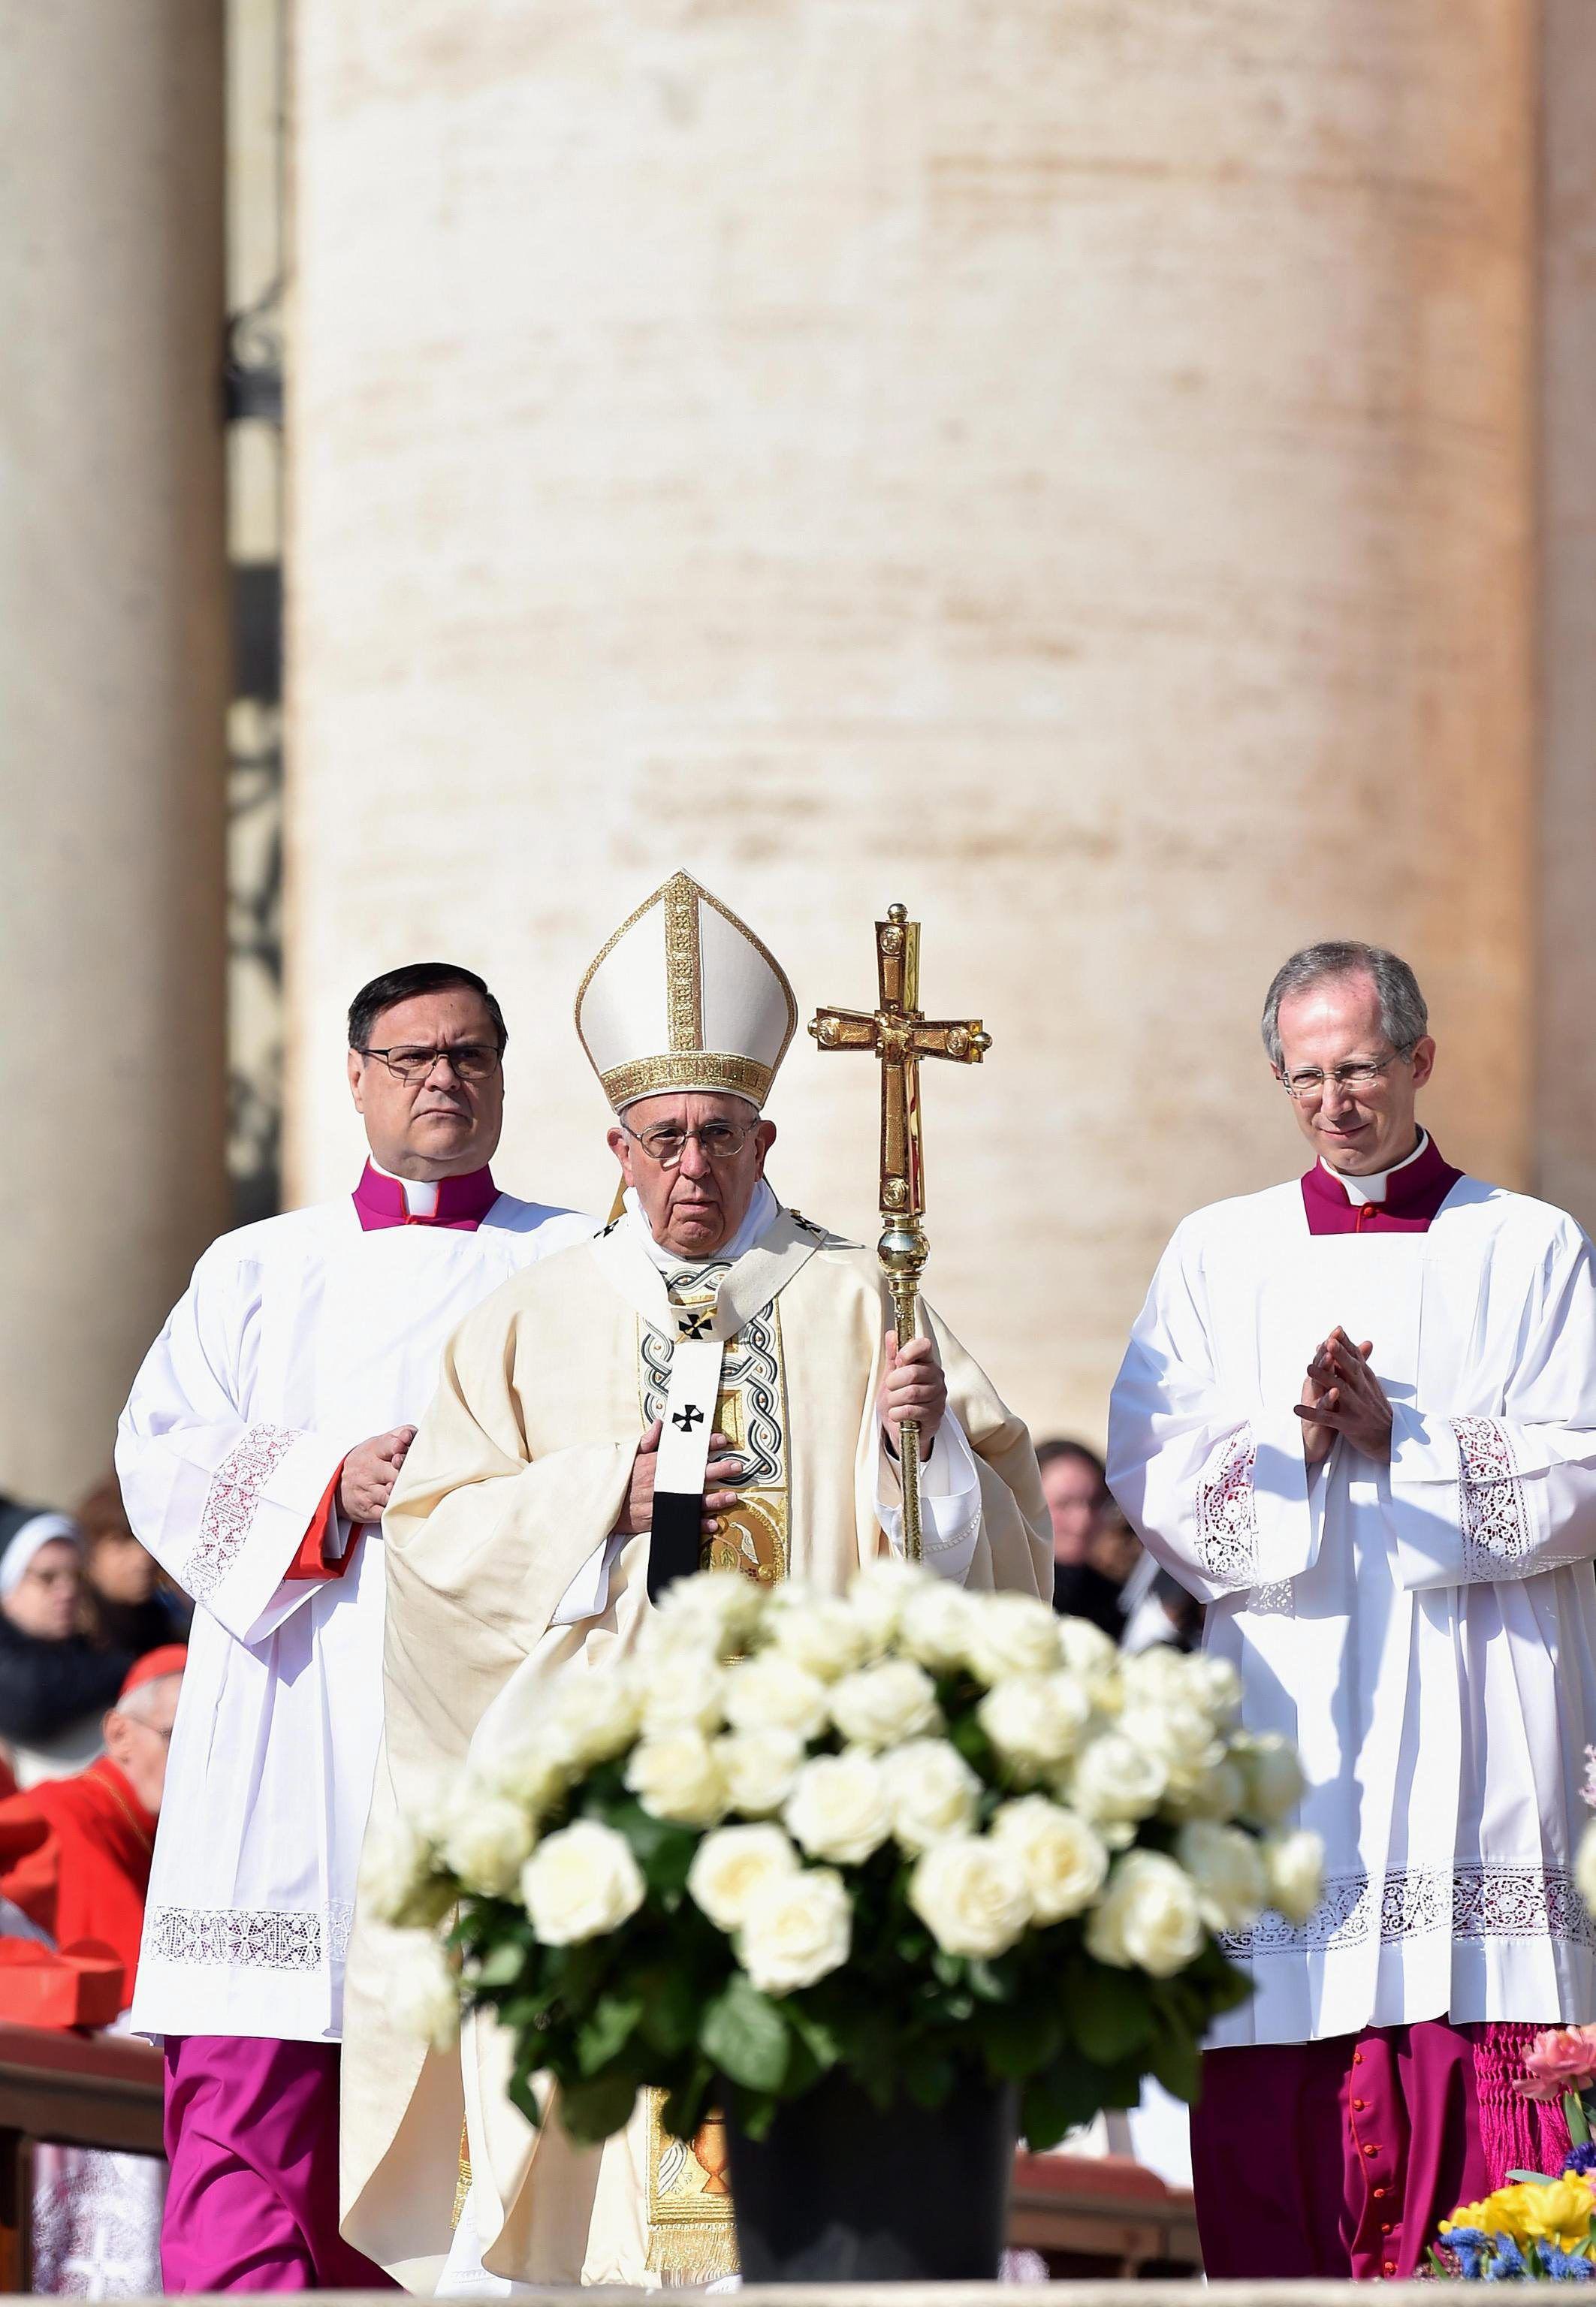 El Papa lamentó la ciega y brutal violencia que no cesa de derramar sangre